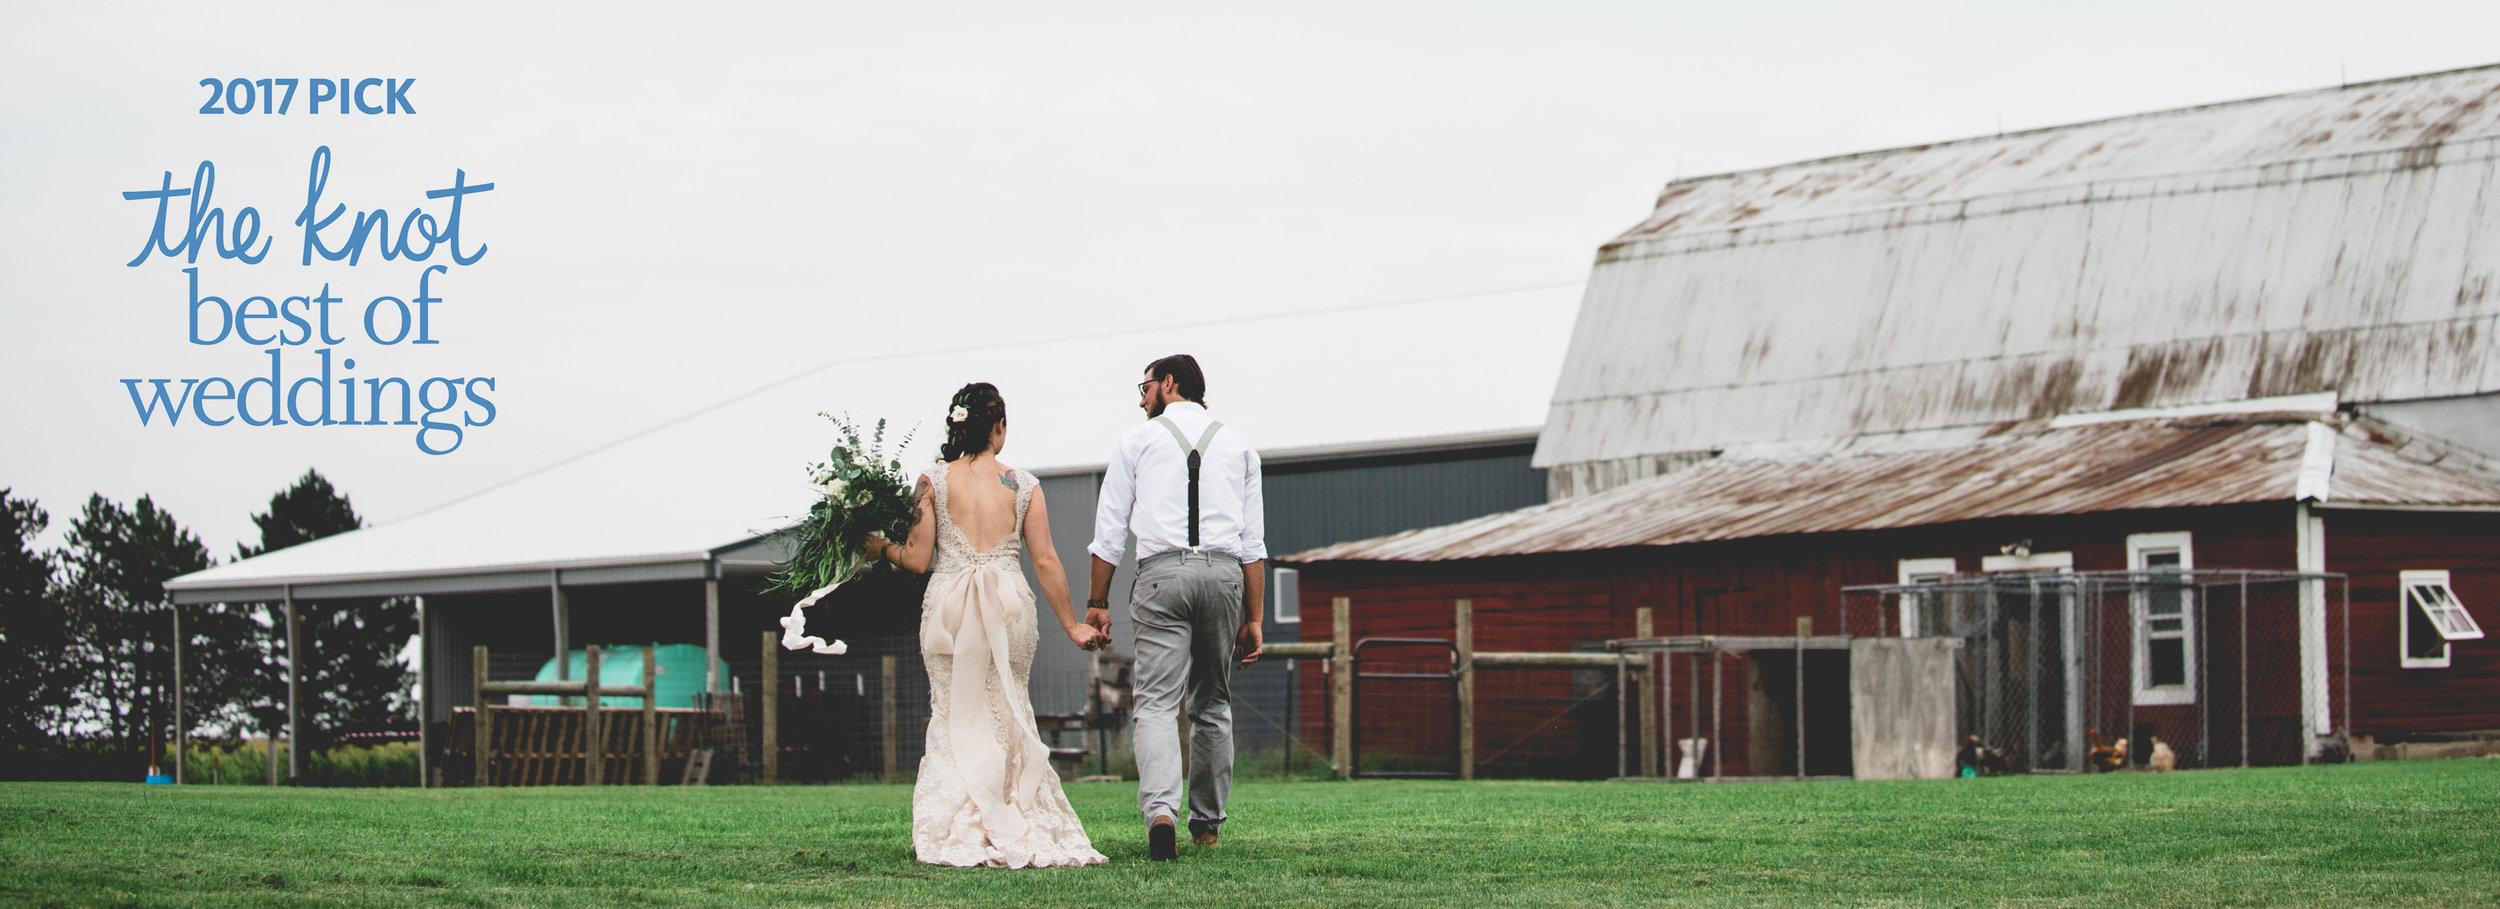 The Knot Best of Weddings 2017, Brett Loves Elle Photography